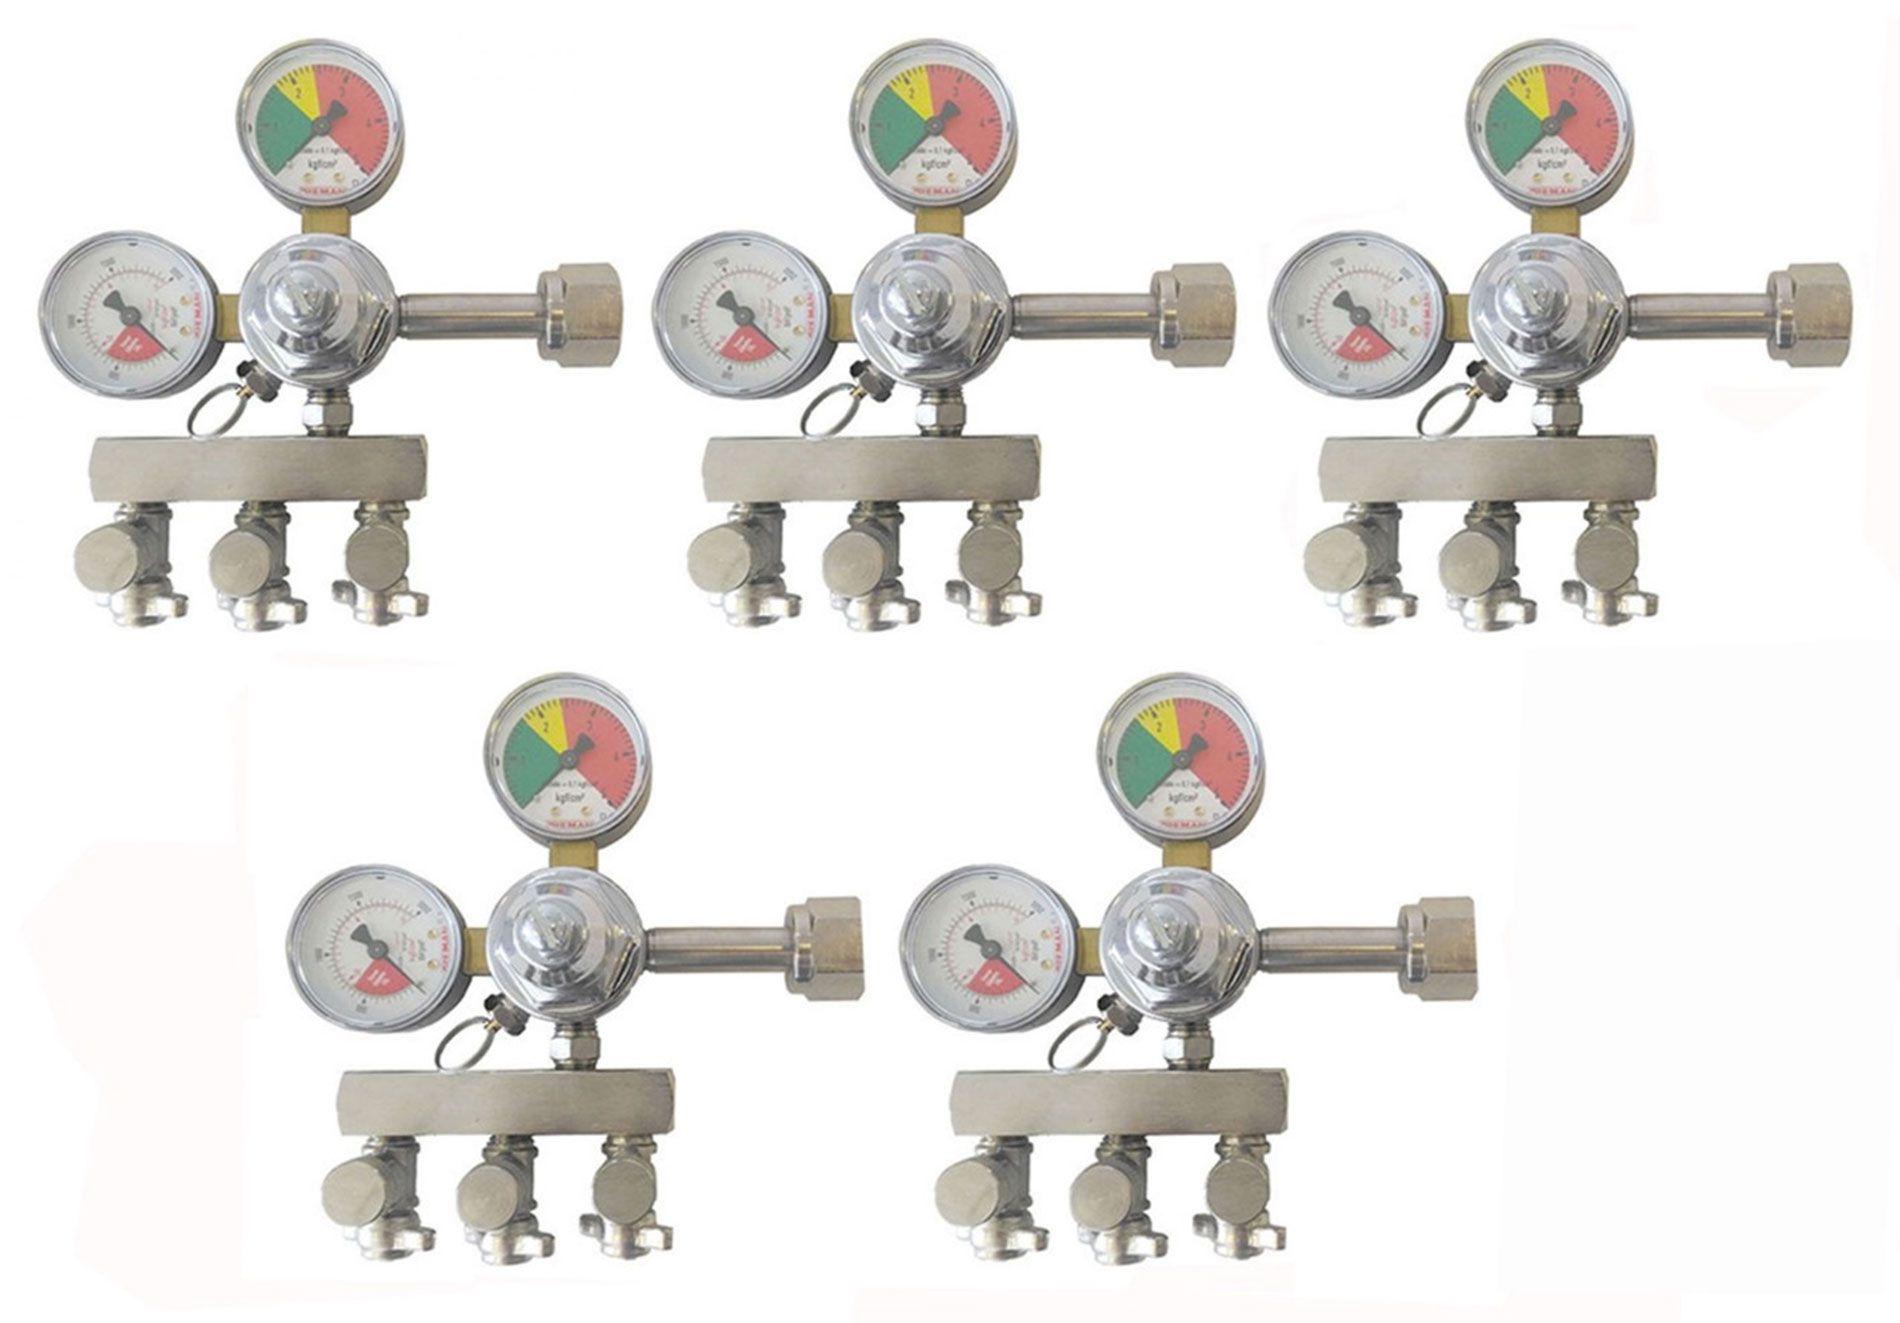 KIT 5 REGULADORES DE PRESSÃO CO2 PARA CHOPP 3 SAÍDAS AJUSTE FINO